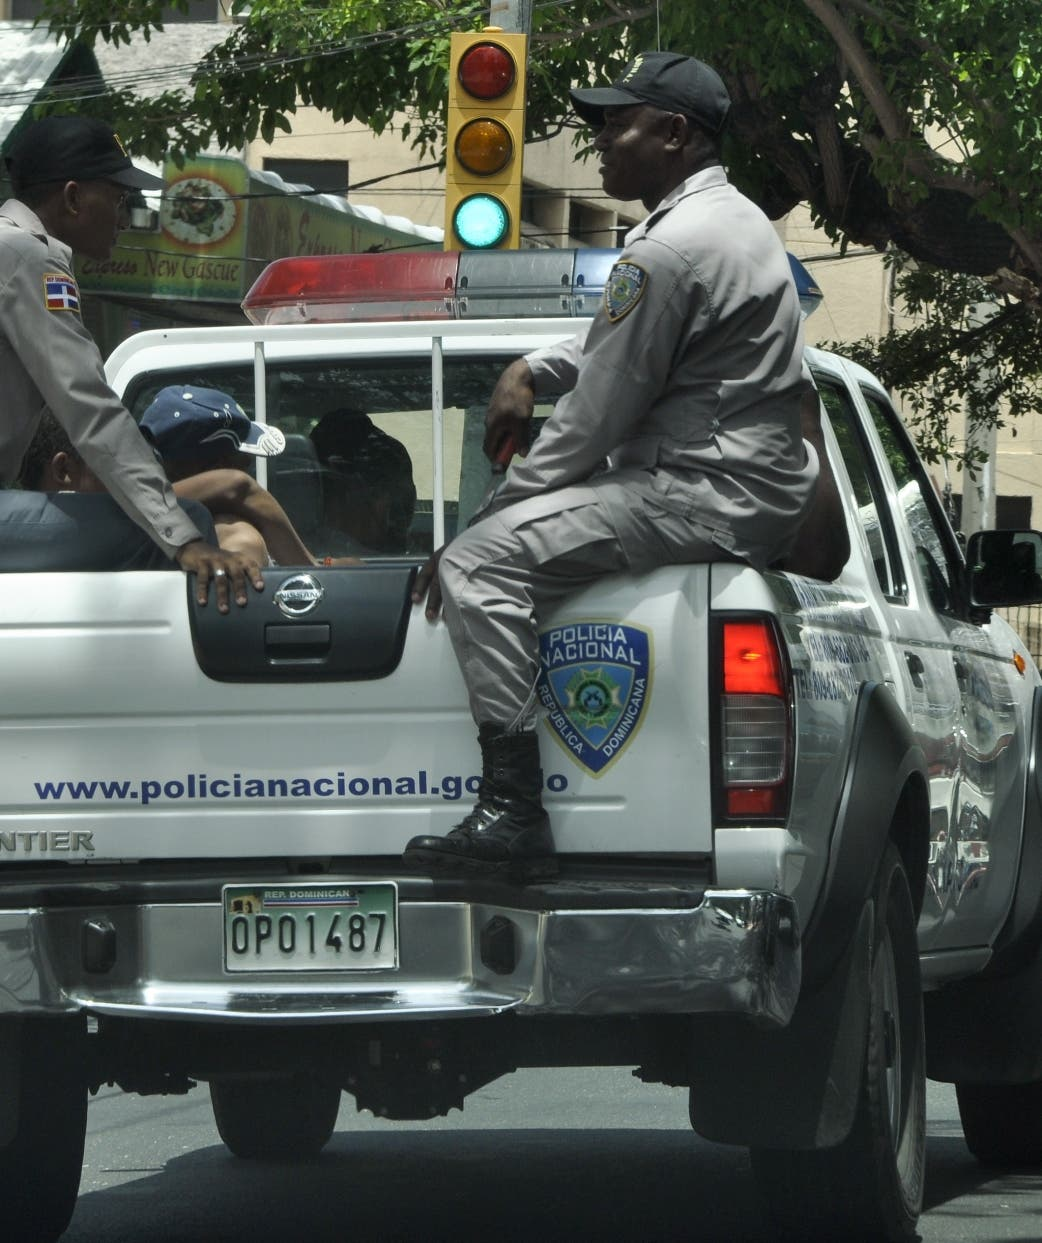 Policía apresa hombre por dispararle a dos personas en Santiago